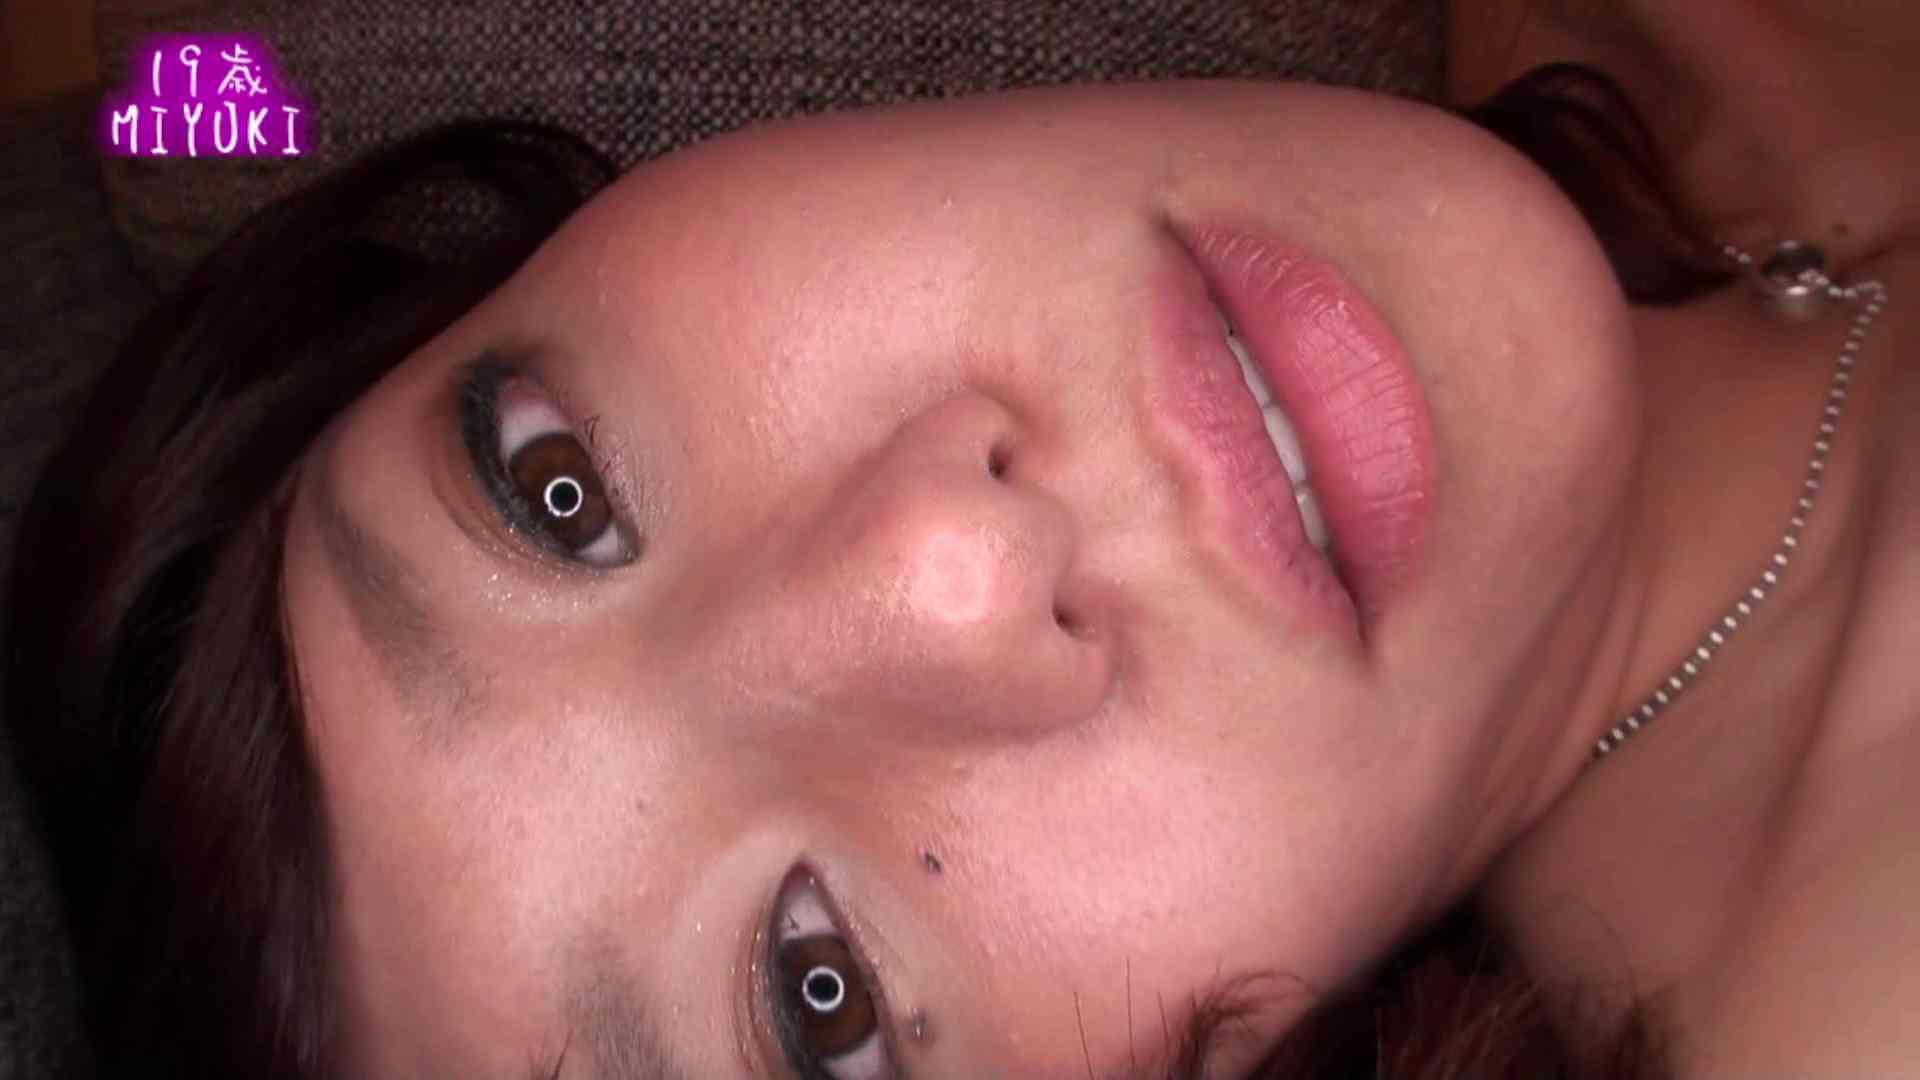 遂に解禁!!MIYUKIちゃんの柔らかいおっぱい おっぱい大好き  68pic 27